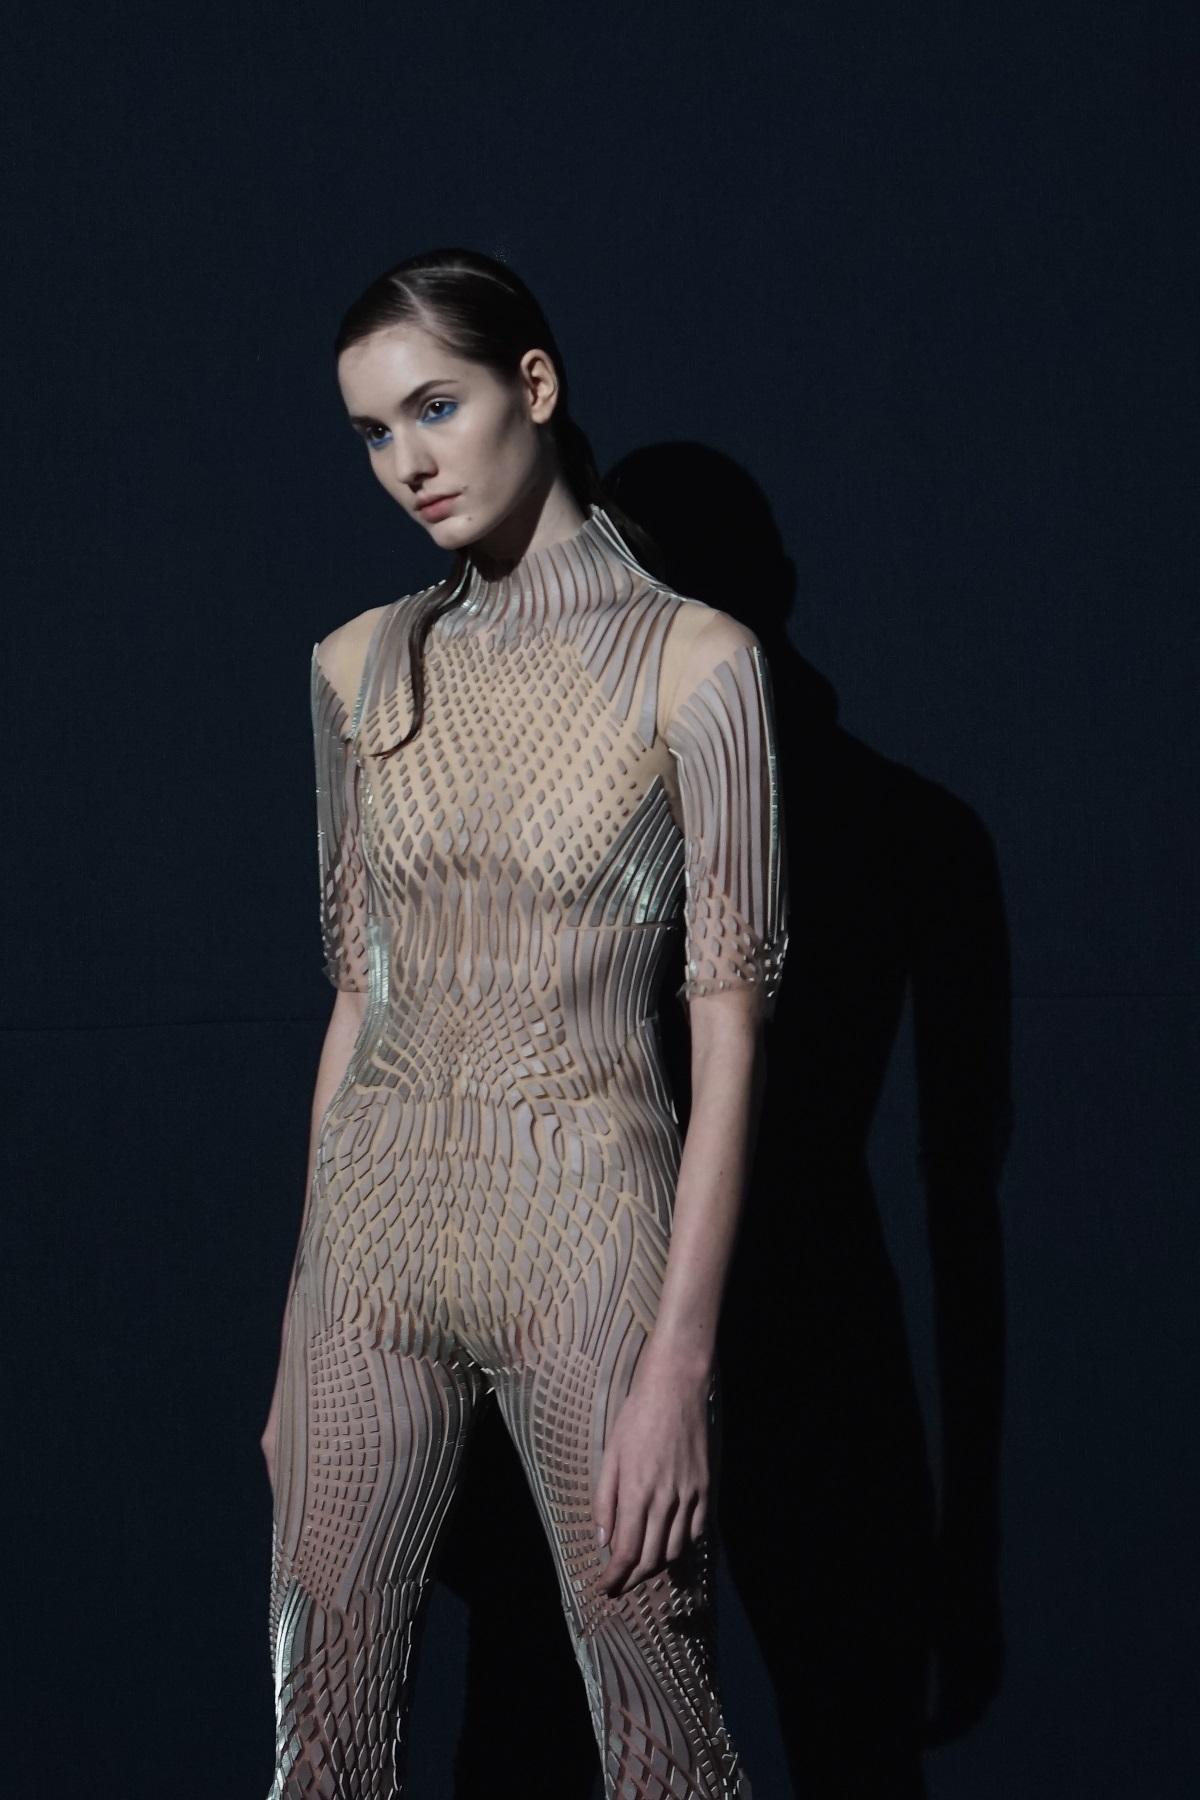 Моделите, представили колекцията на дизайнера Iris van Herpen, бяха с прибрани коси с акцент върху опашката, която падаше на раменете им.